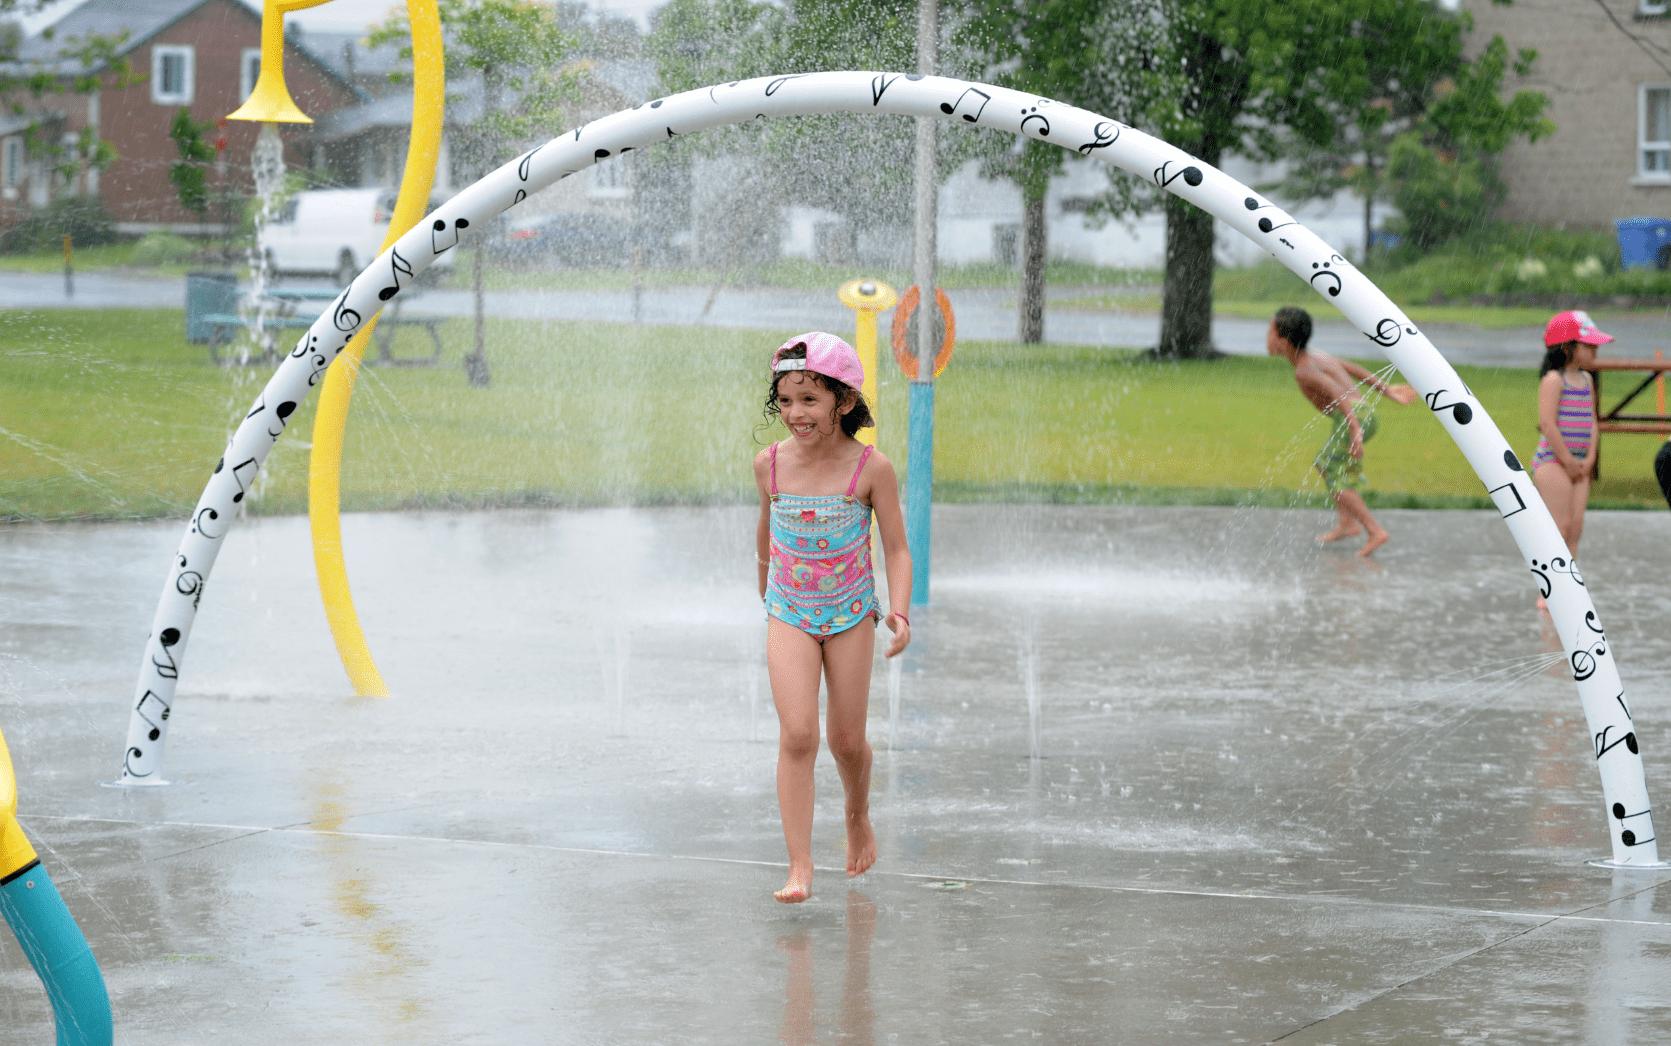 Jeux d'eau du parc Florence-Lawless-Lacroix